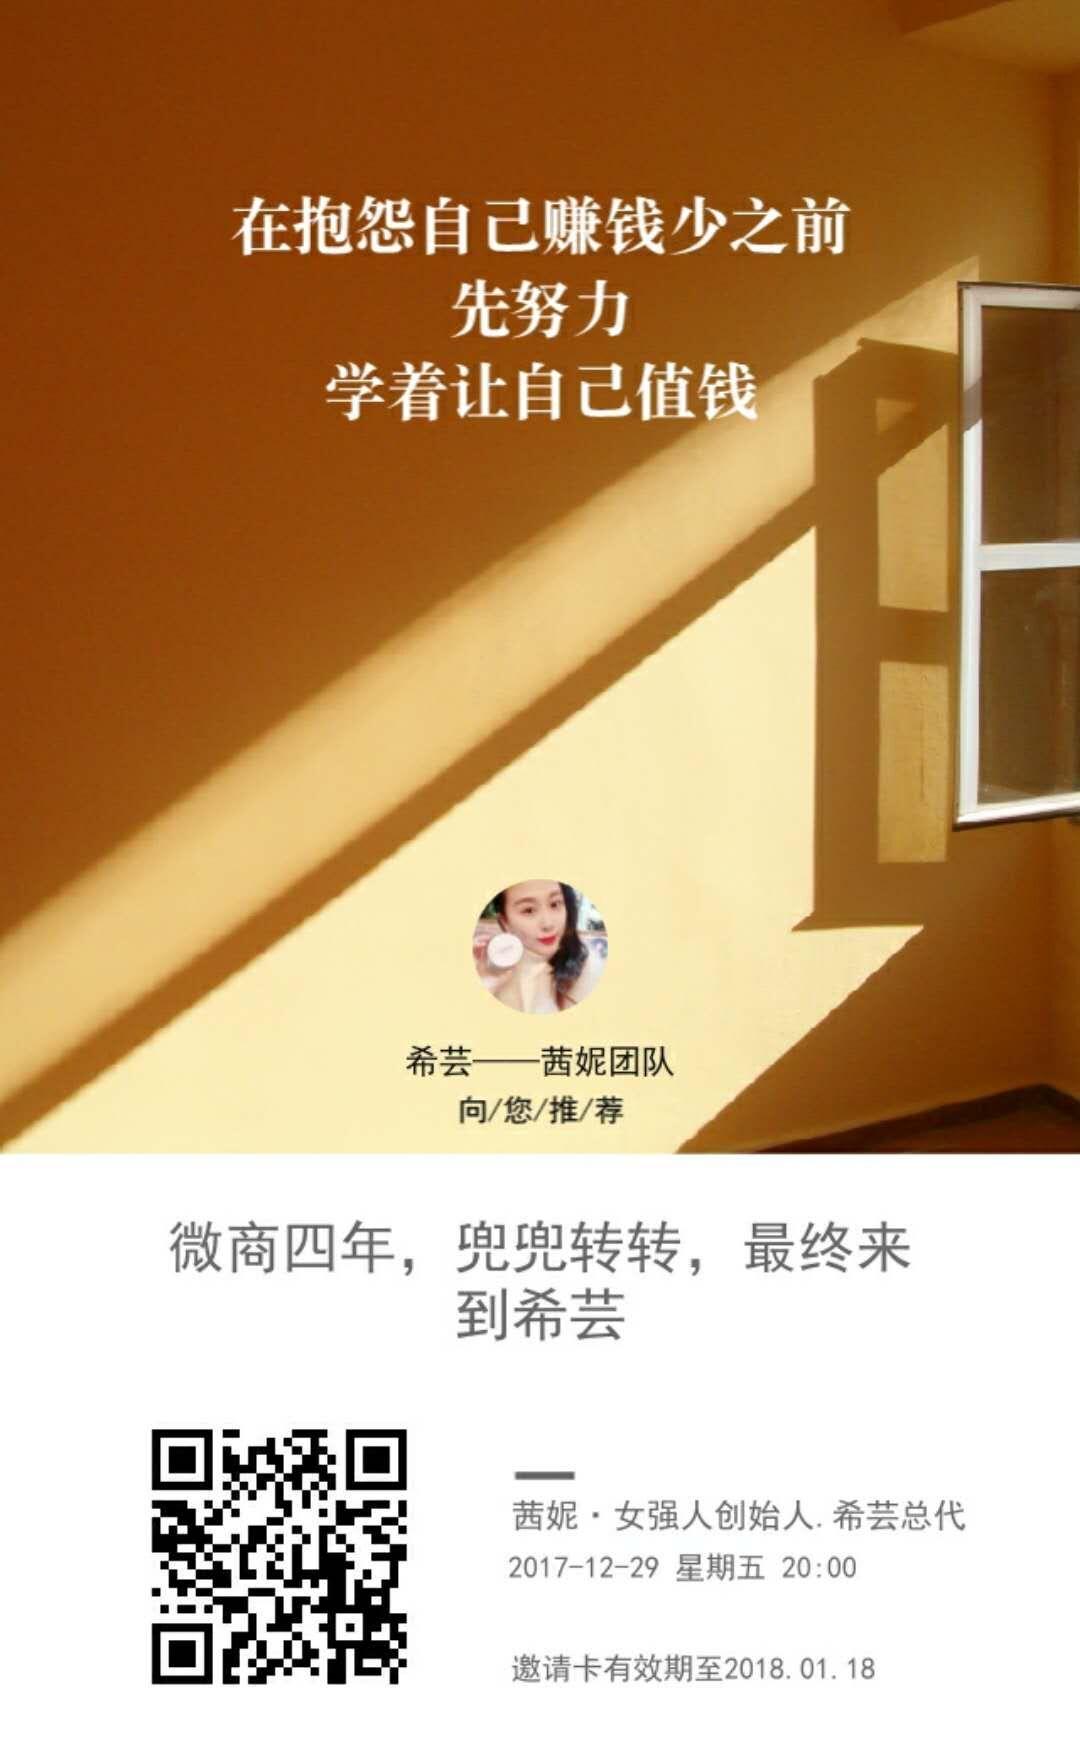 希芸团队课程:微商思念,兜兜转转,最终来到希芸42 / 作者:syrinx2012 / 帖子ID:54,55